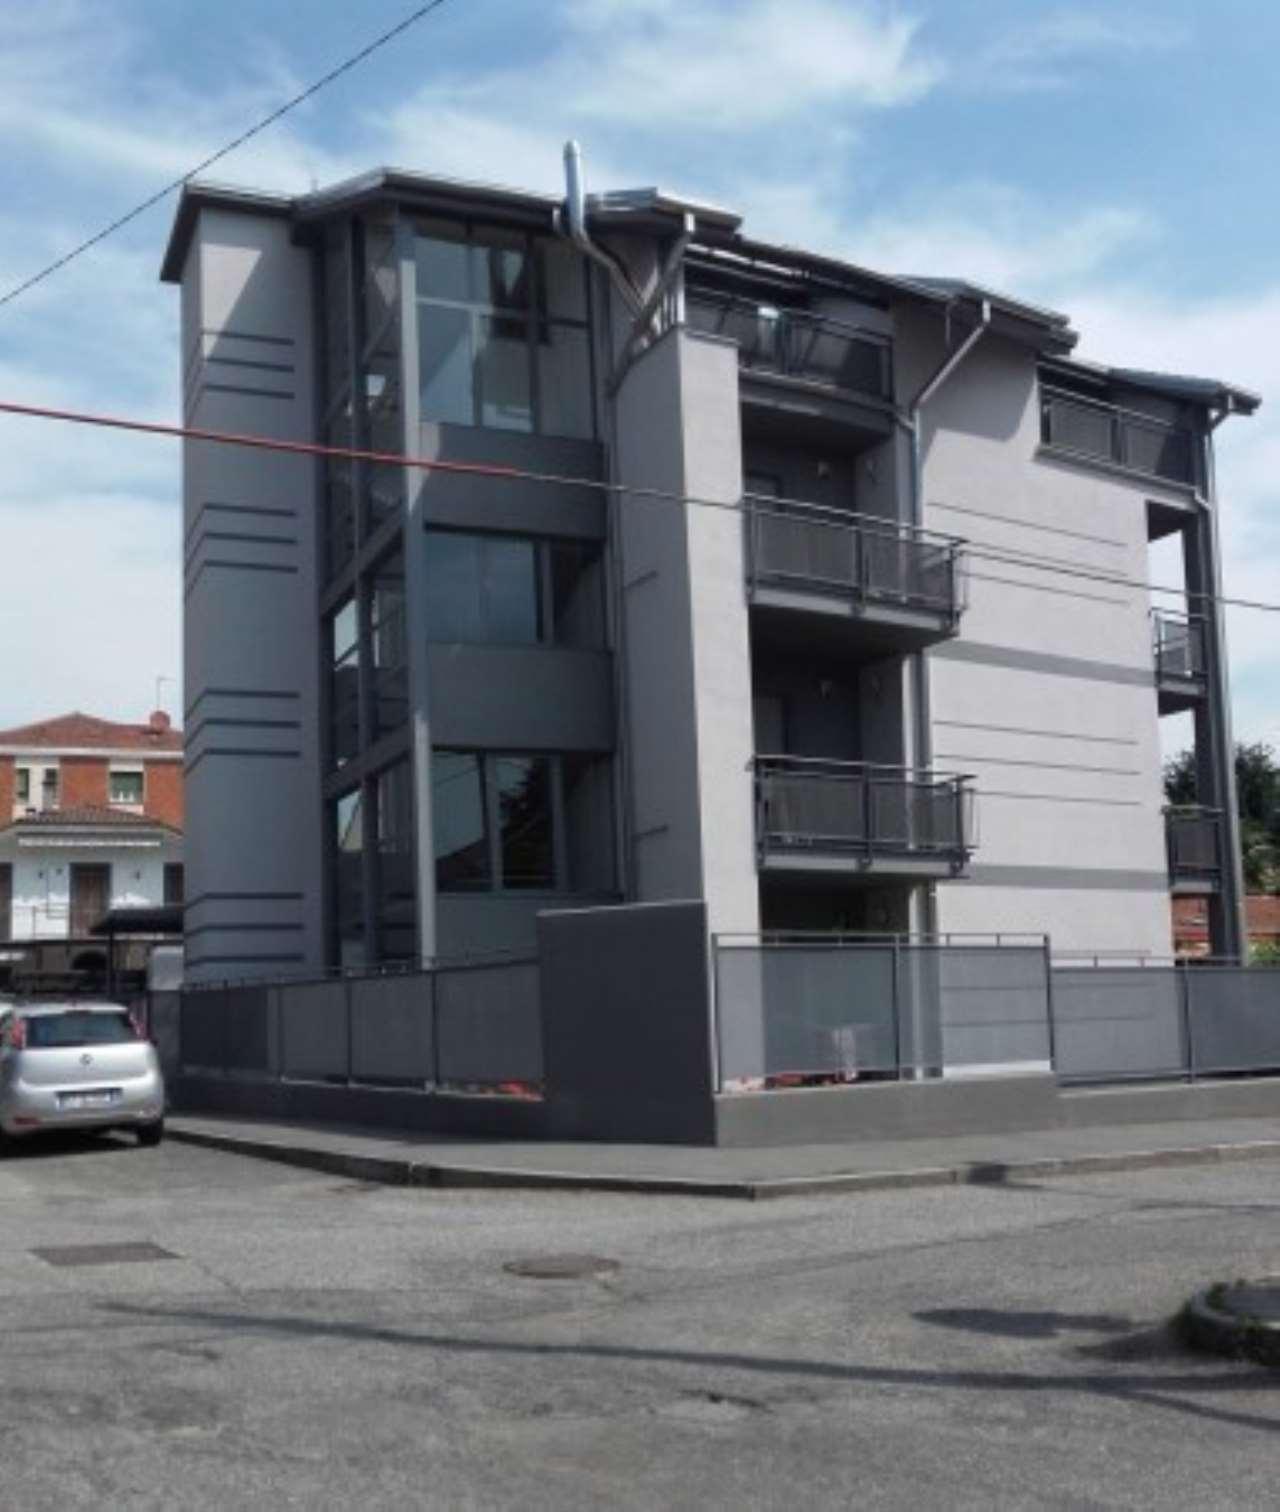 Attico / Mansarda in vendita a Collegno, 3 locali, prezzo € 230.000 | Cambio Casa.it